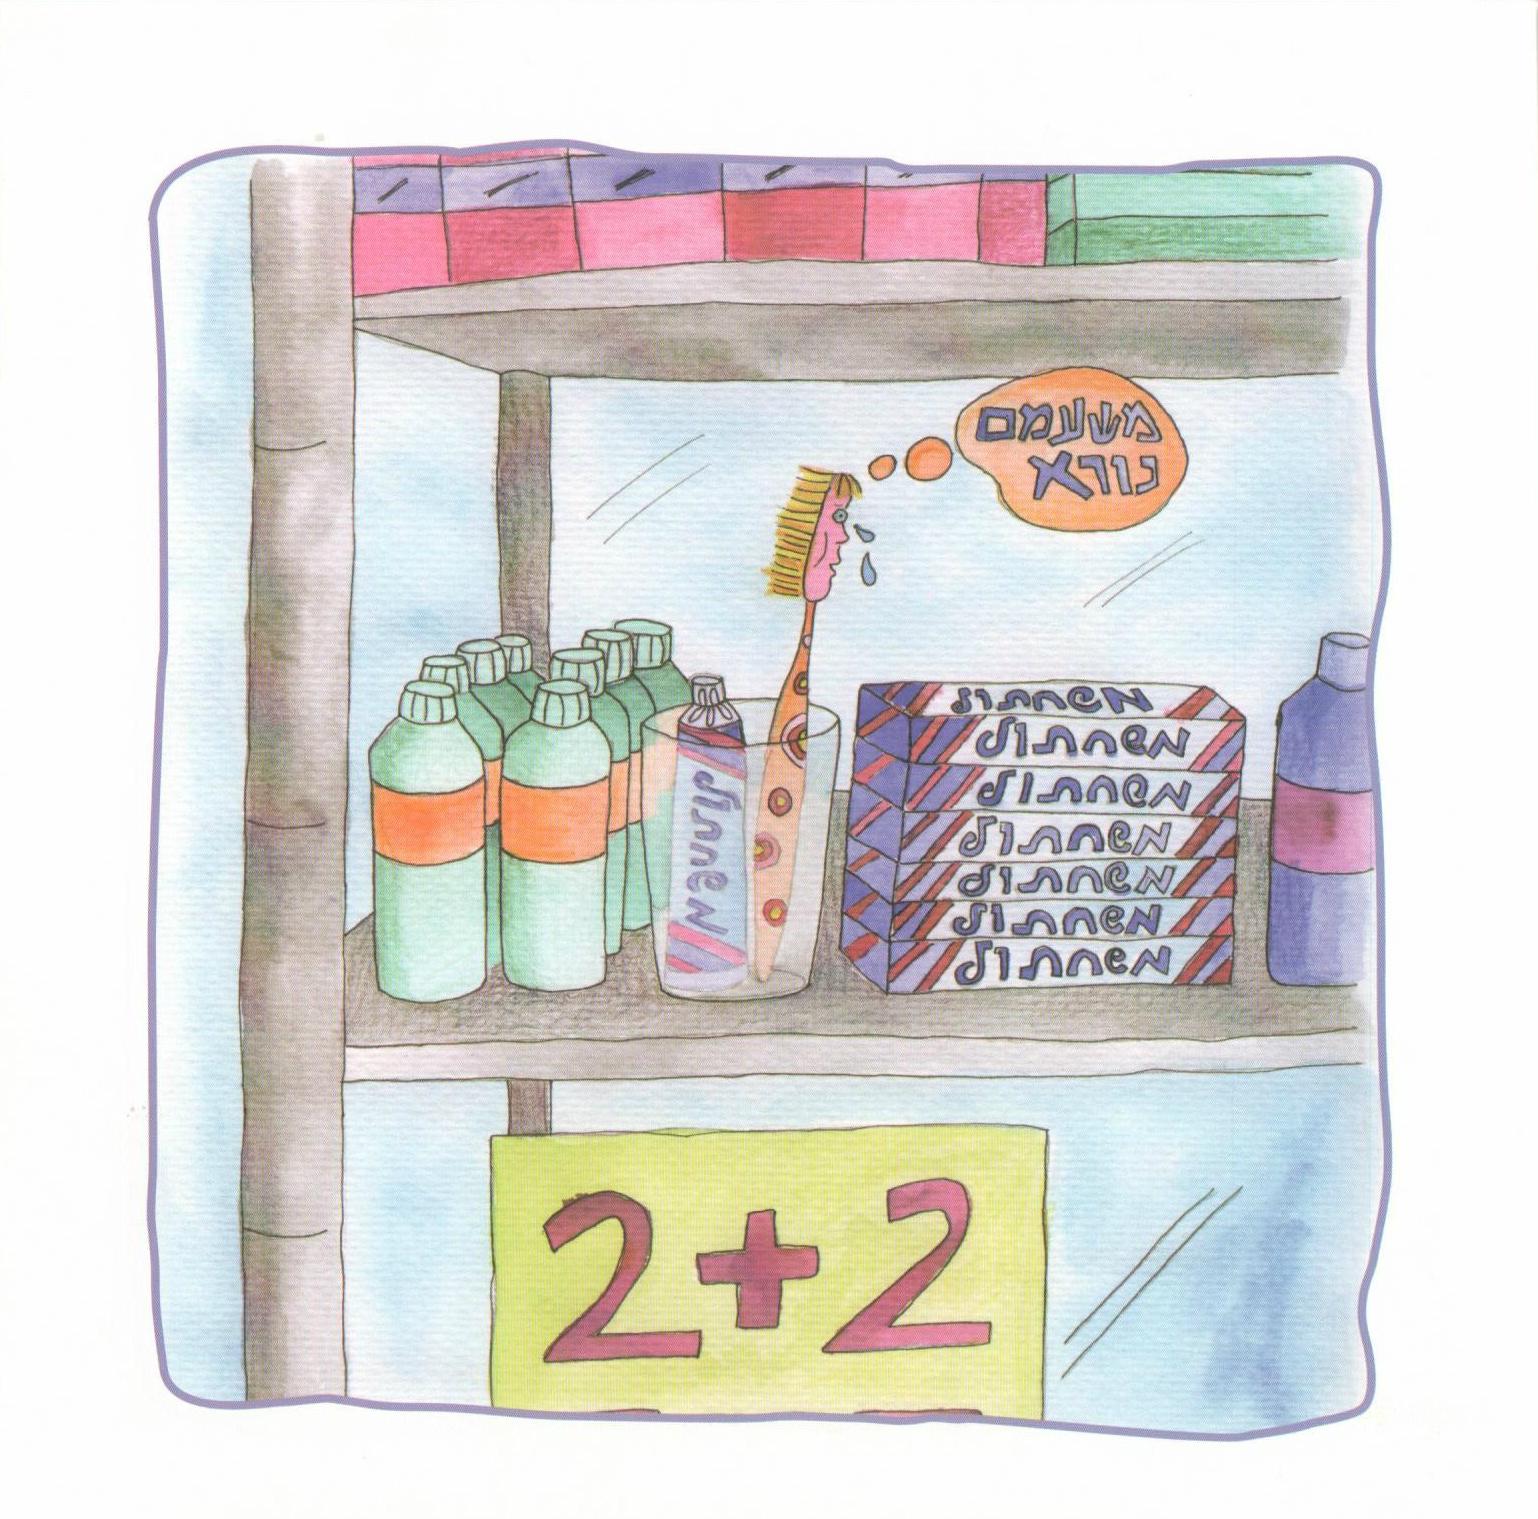 הדר המברשת ישבה על המדף יום או יומיים ליד משחת השיניים. איירה: טלי ניב-דולינסקי